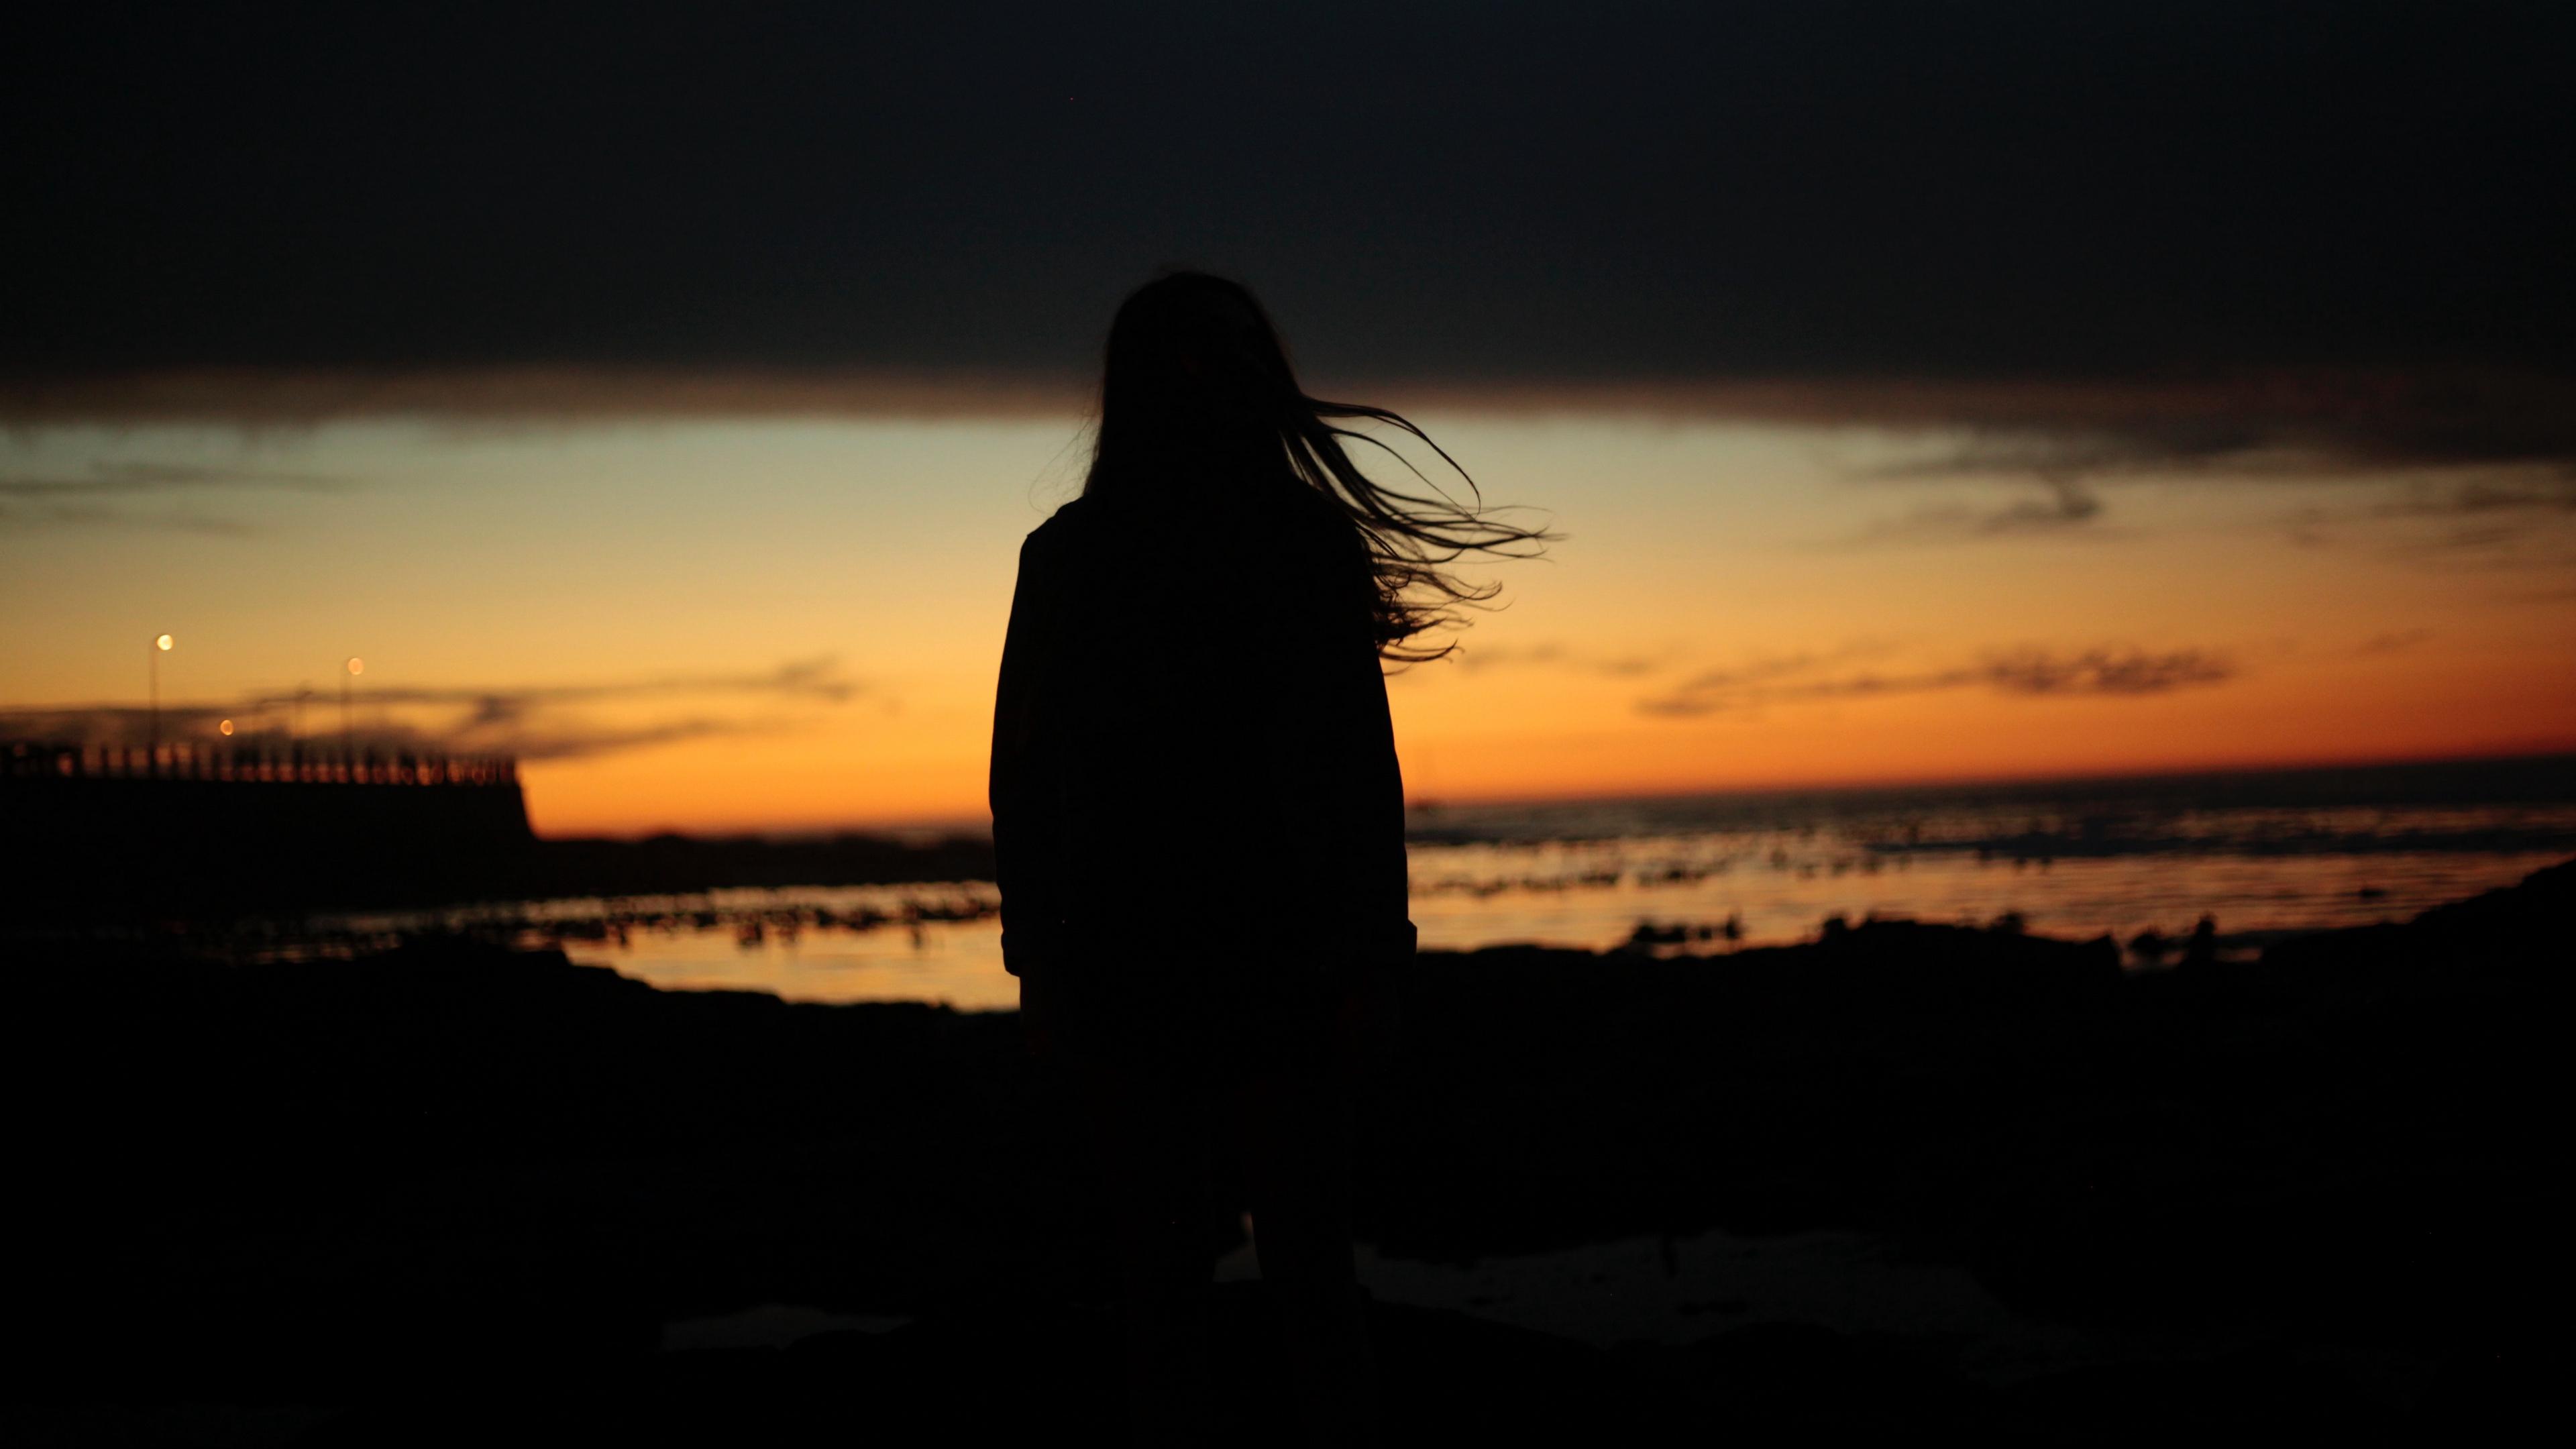 girl silhouette night hair wind 4k 1540575205 - girl, silhouette, night, hair, wind 4k - Silhouette, Night, Girl